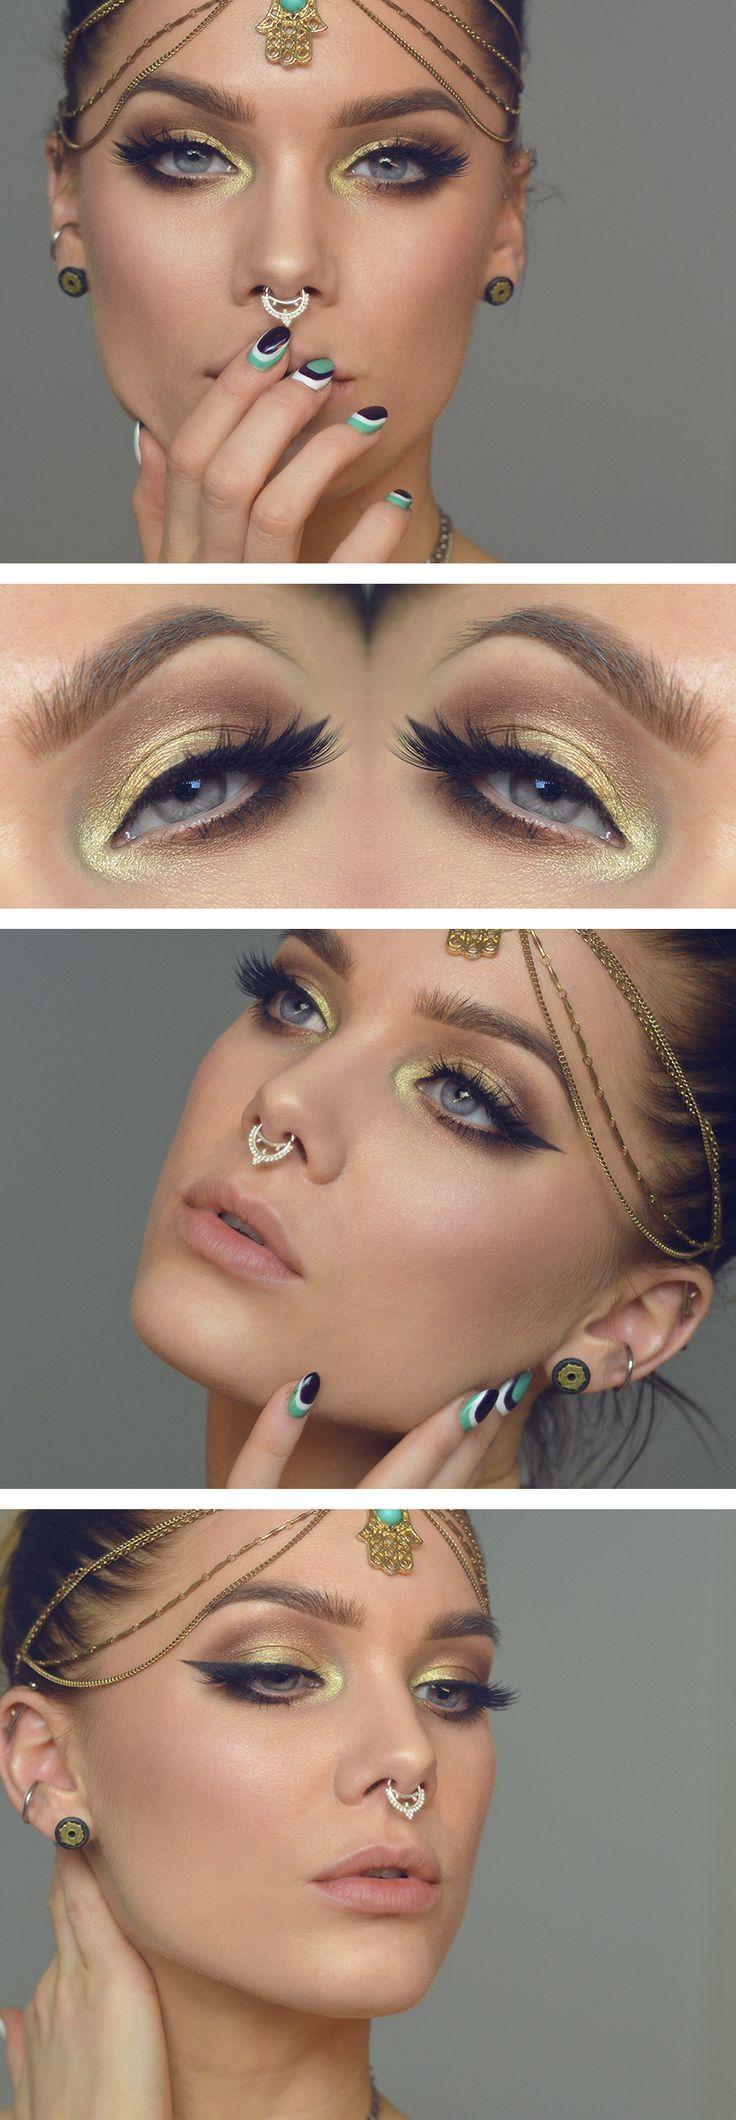 Easy make-up design